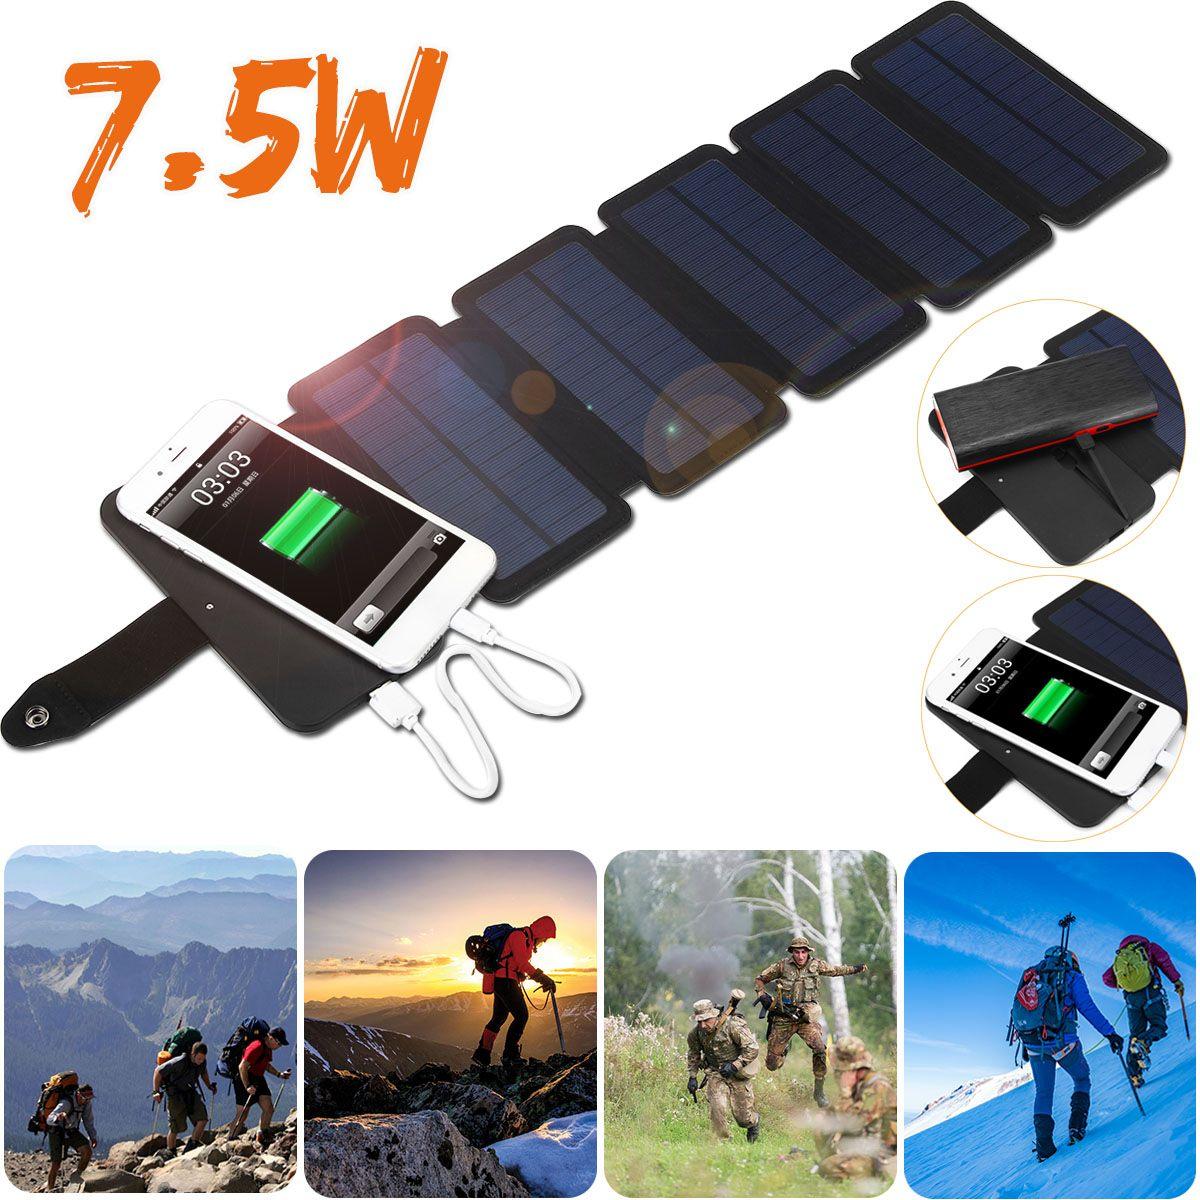 Chargeur de panneau solaire extérieur pliant USB type-c Port batterie externe chargeurs de téléphone Portable batterie externe Portable générateur solaire